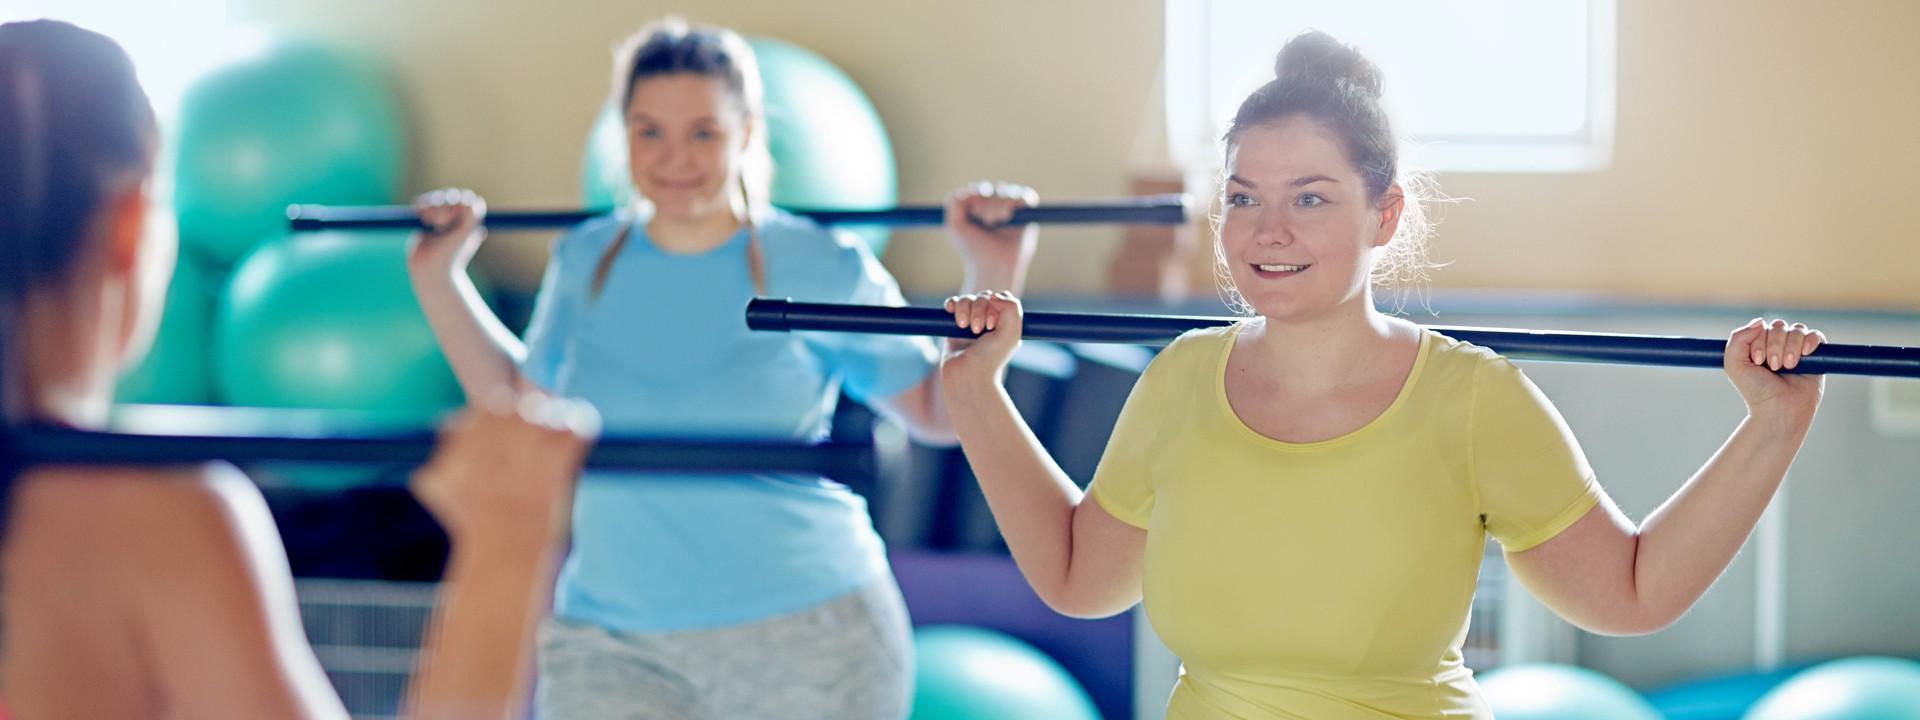 Drei Frauen machen zusammen Sport und mit grünen Gymnastikbällen im Hintergrund.